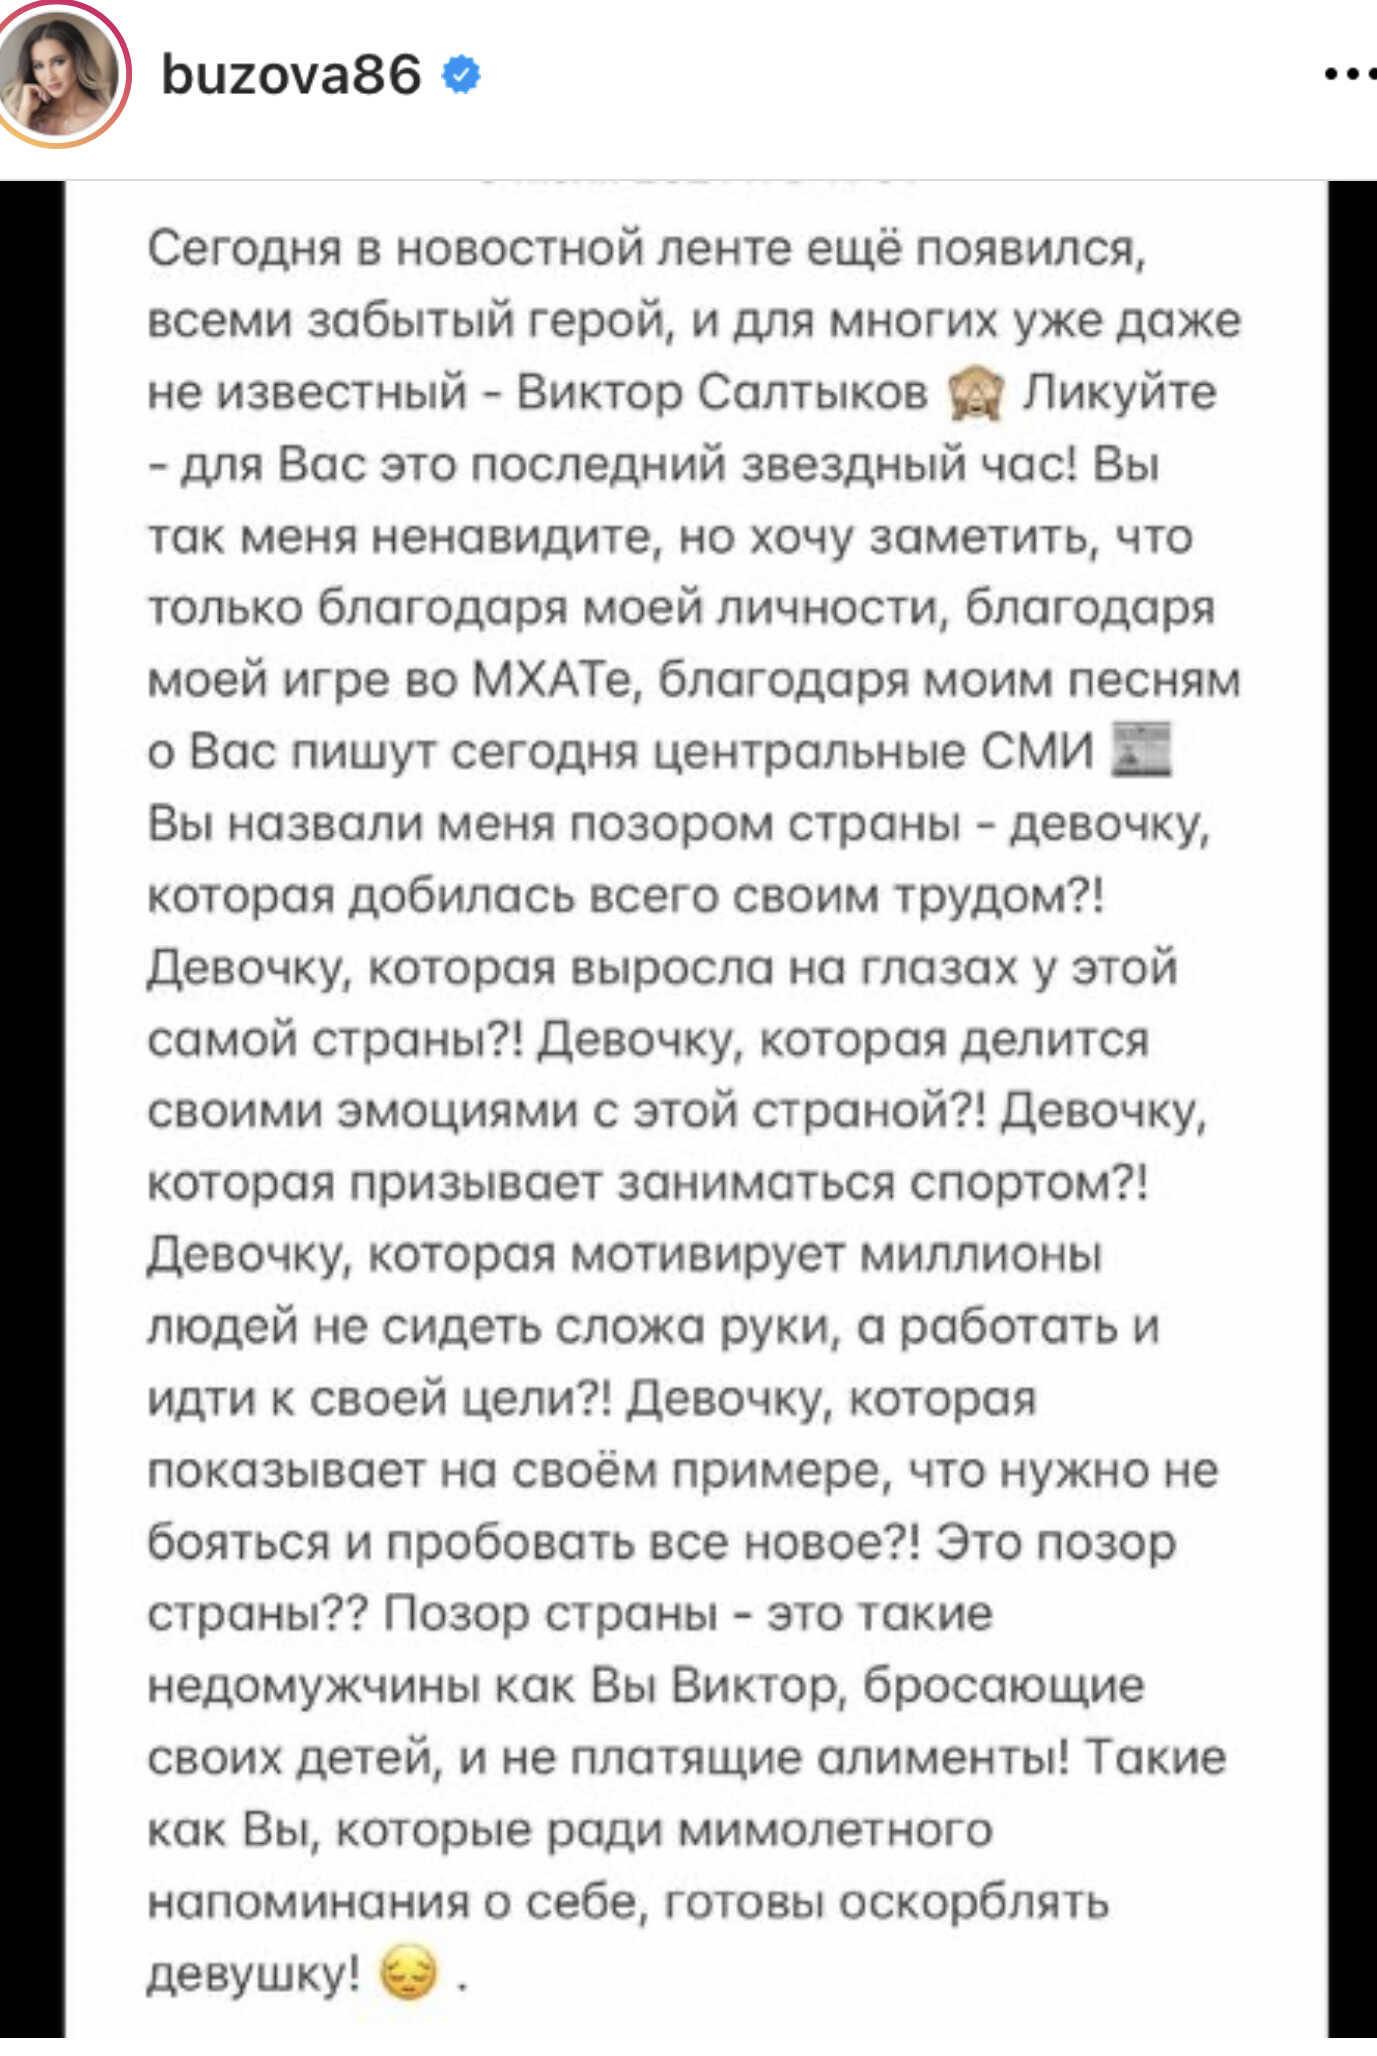 «Чем я сейчас-то вам мешаю?»: Ольга Бузова ответила Виктору Салтыкову, назвавшему её «позором России» и другим недовольным